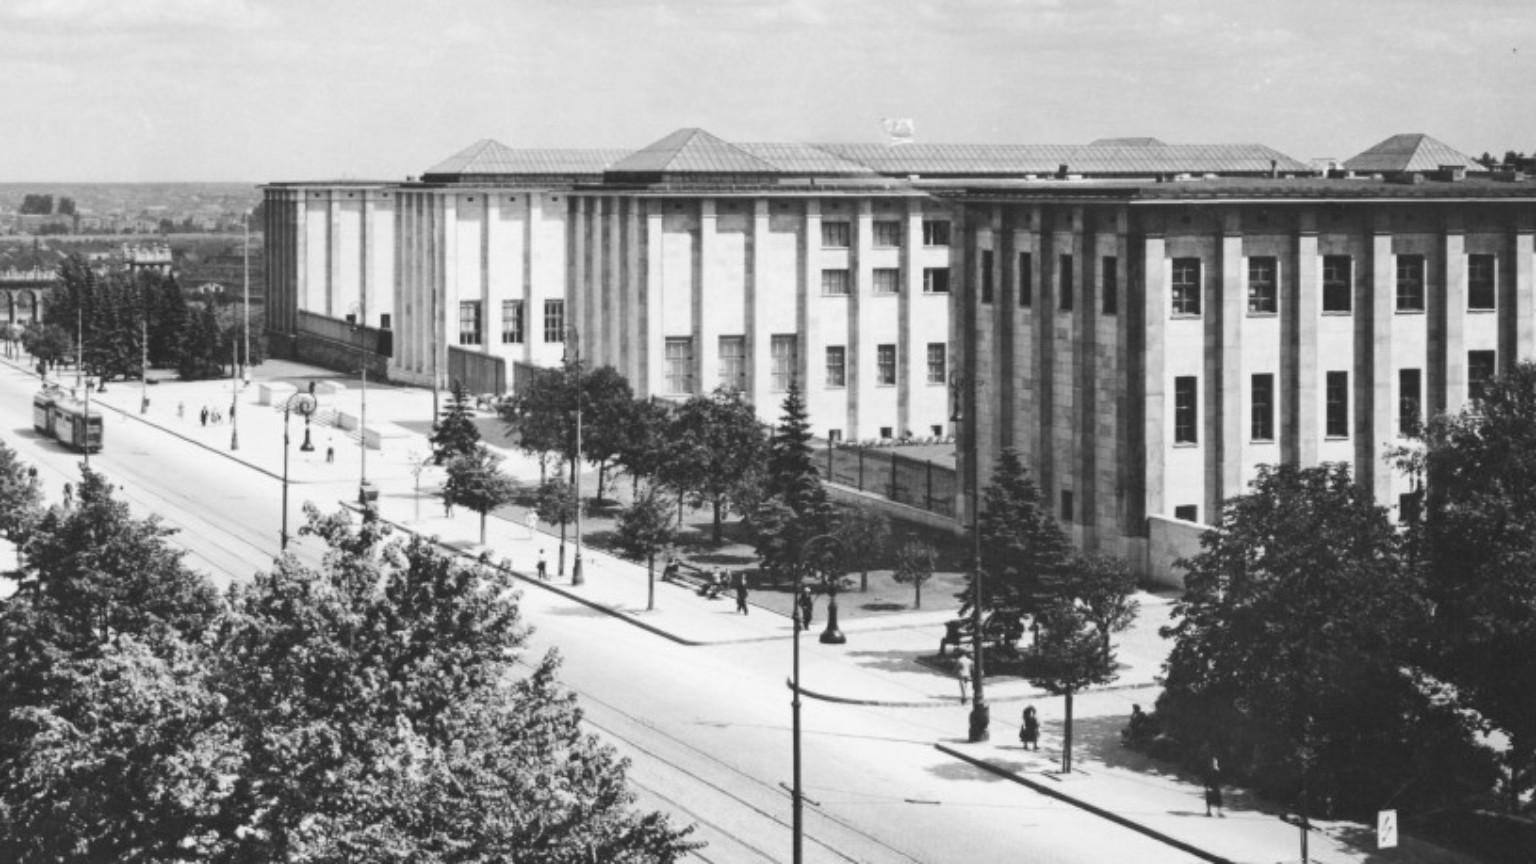 Zdjęcie dla kartki: Początki Muzeum Narodowego w Warszawie